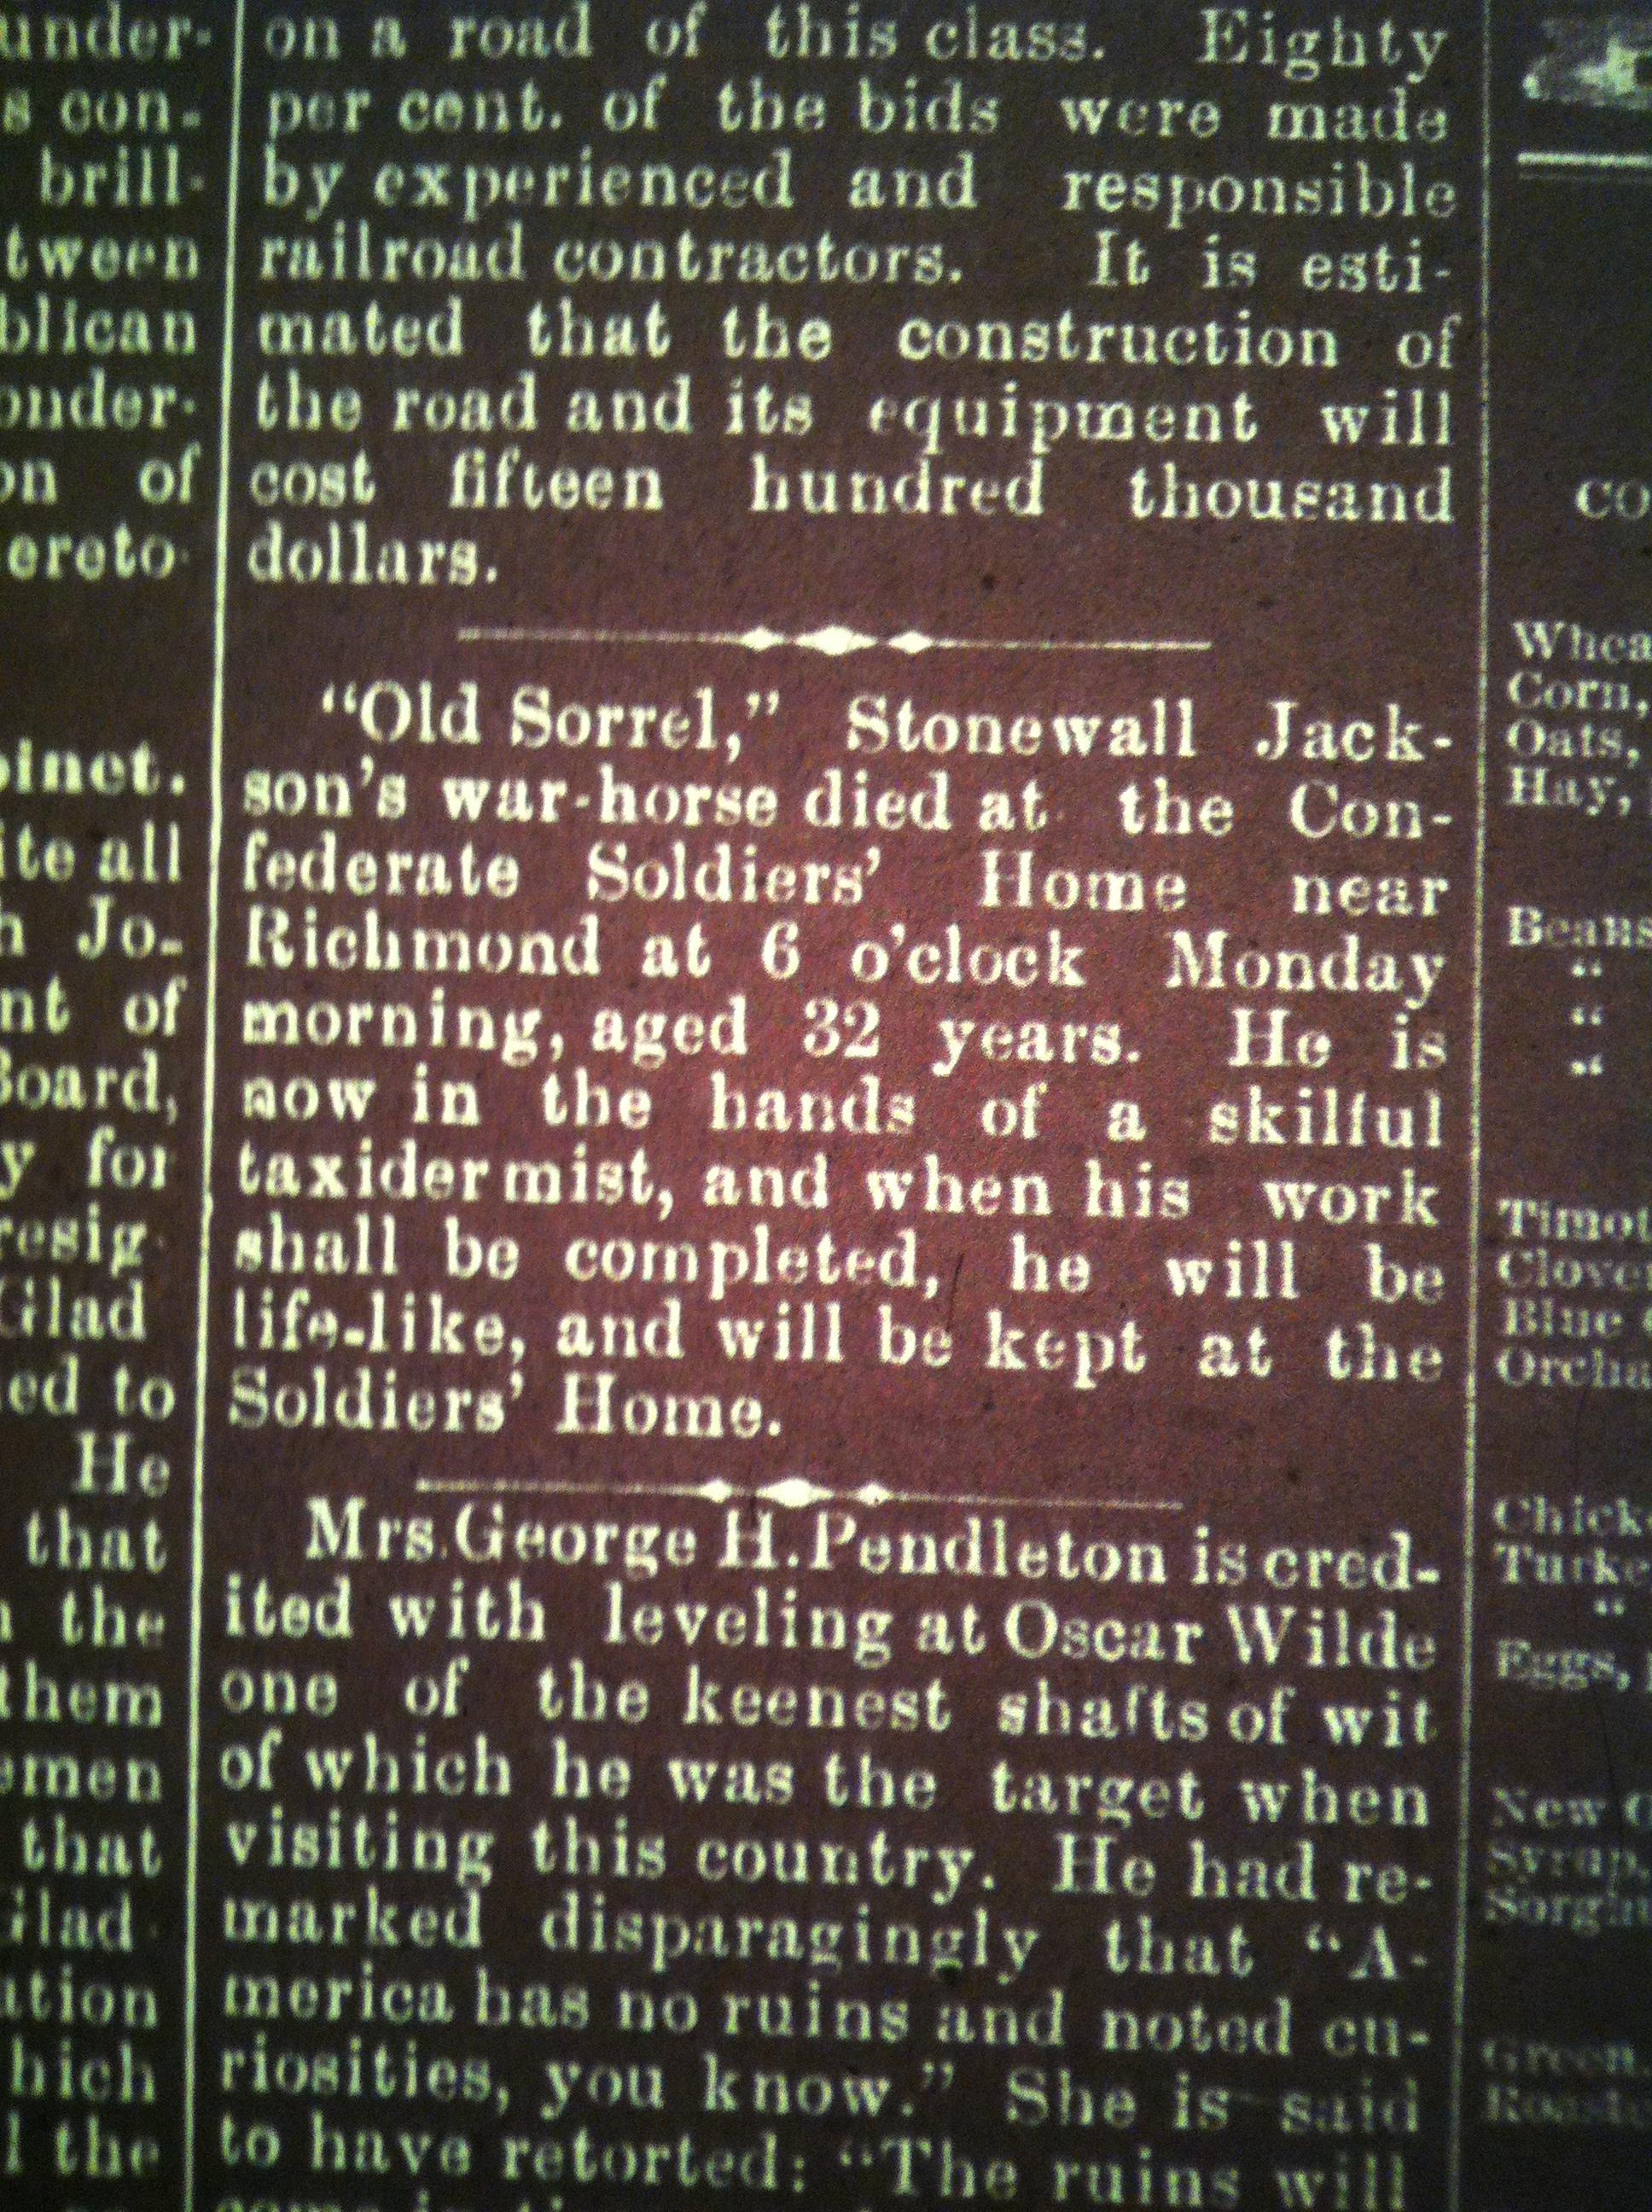 Old Sorrel Dies HA 03.20.1886 2